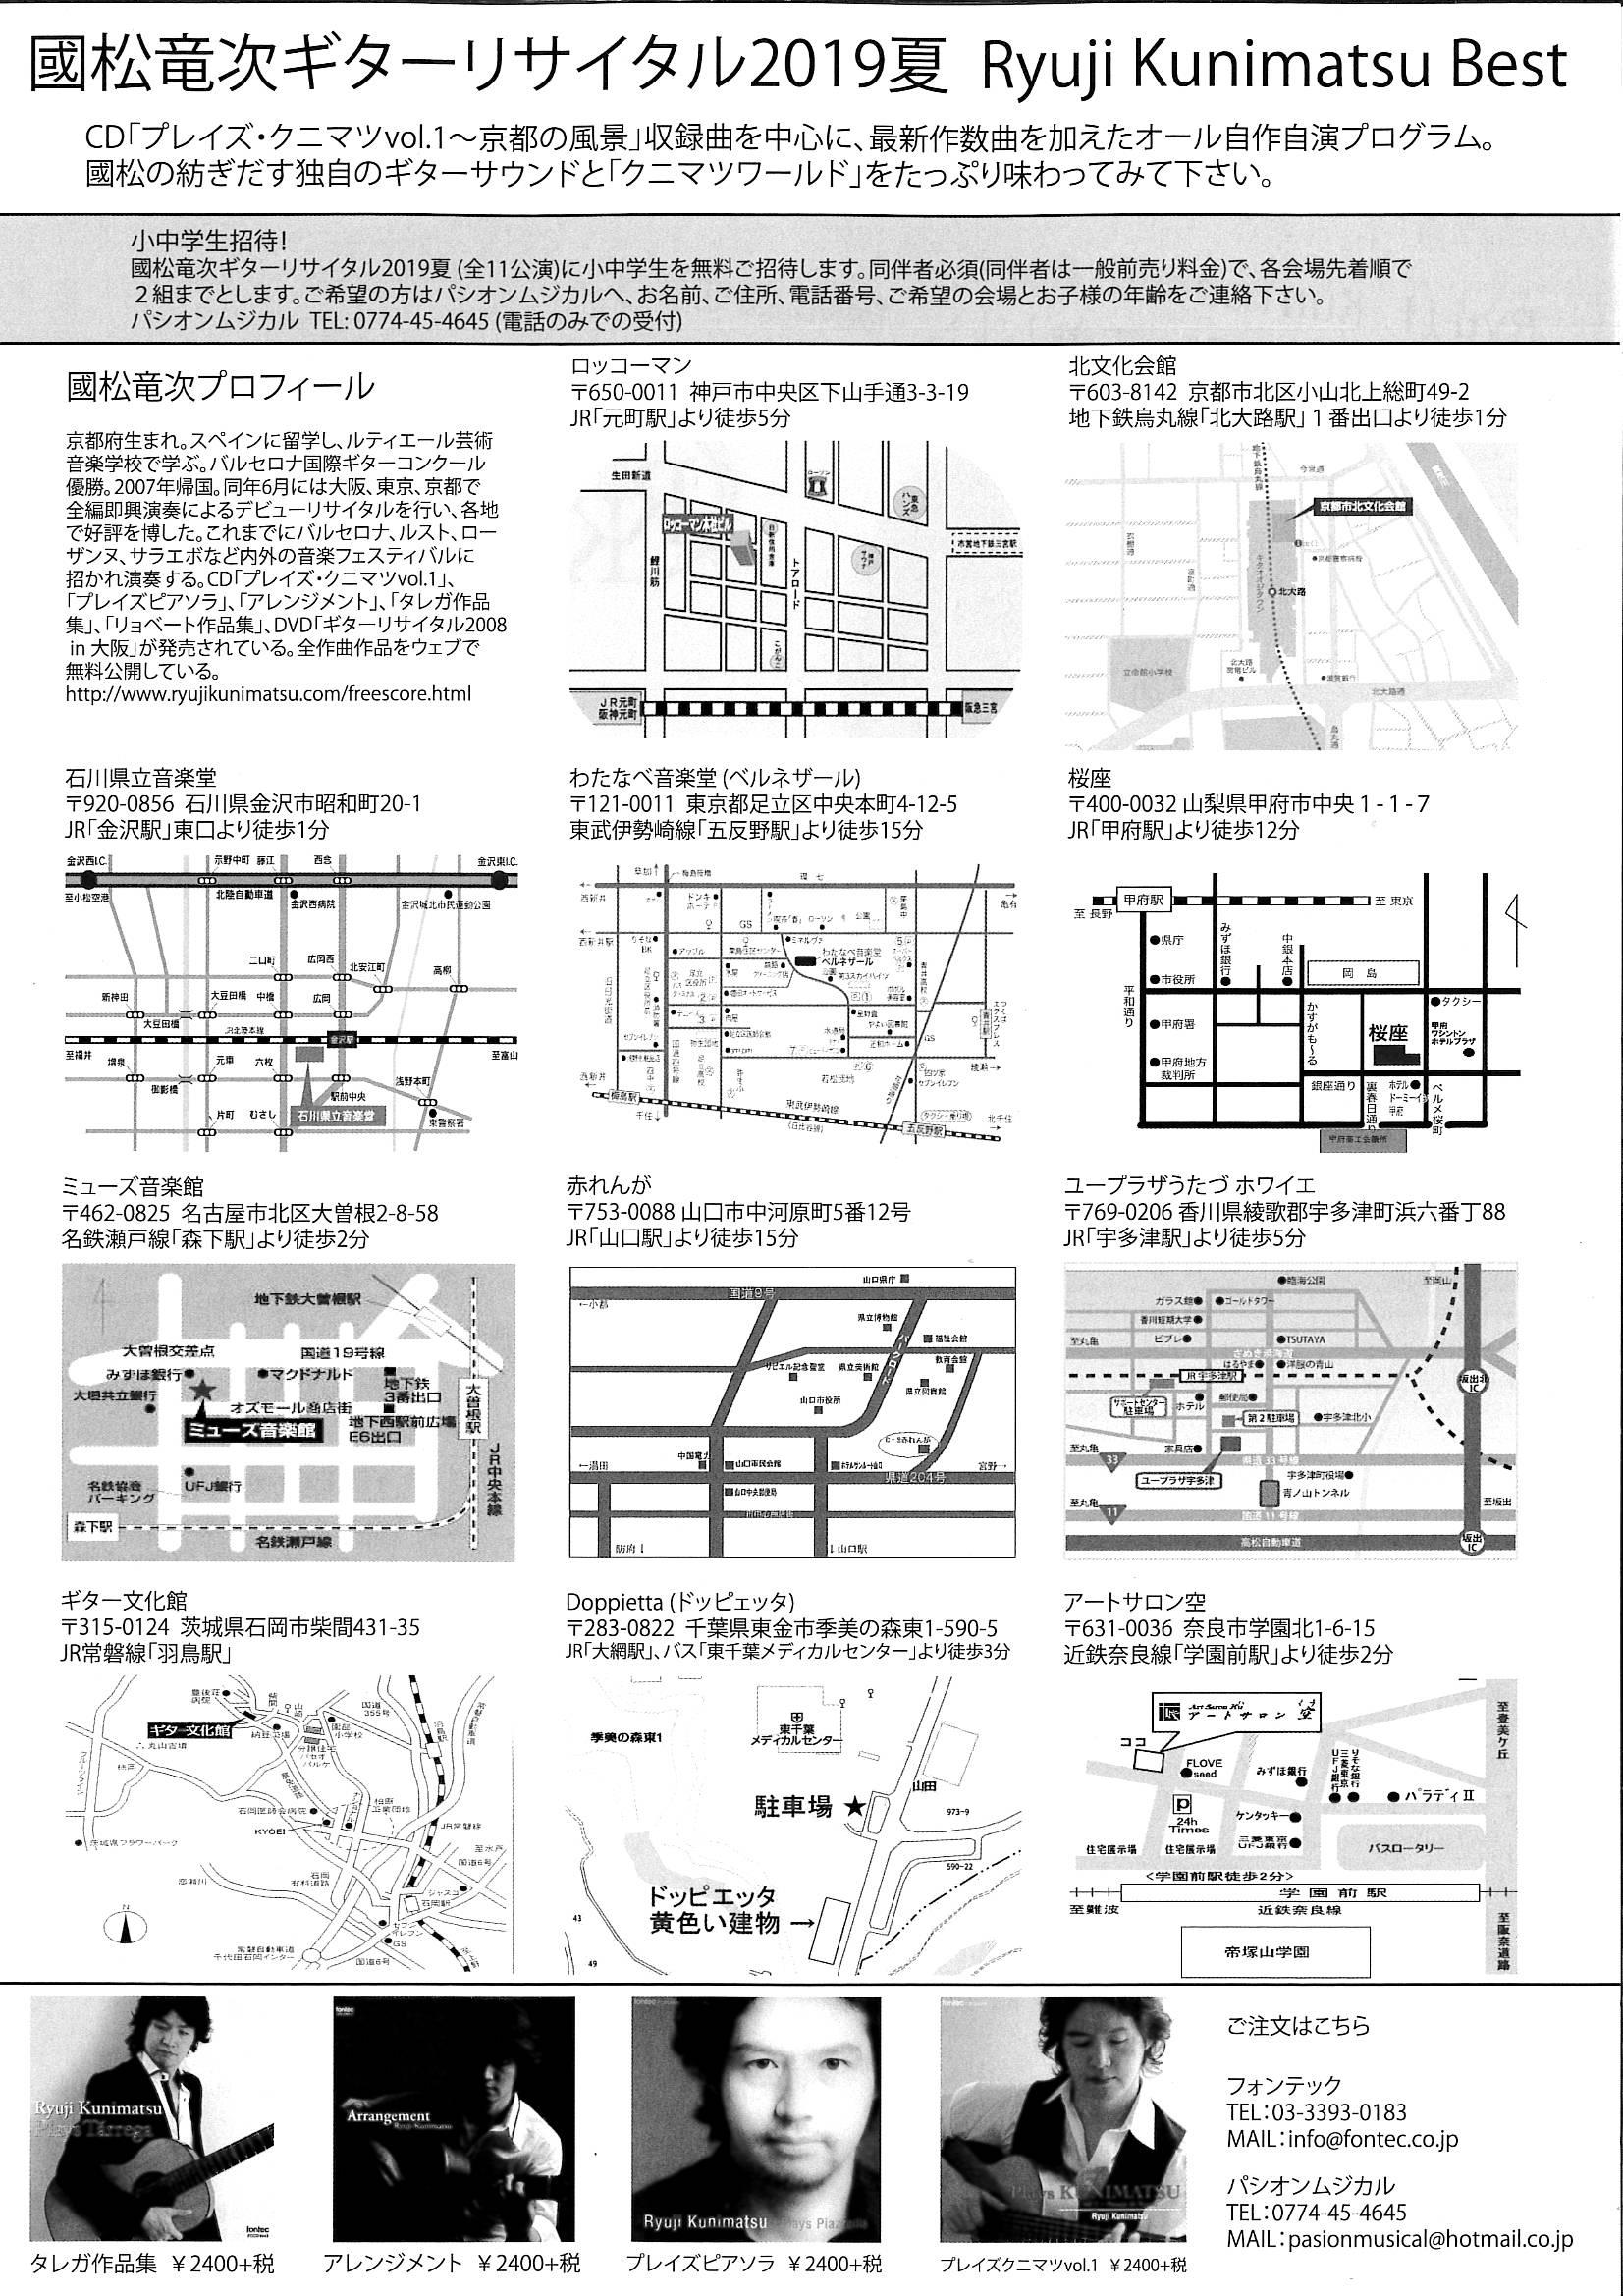 MX-2310F_20190501_181546_002.jpg